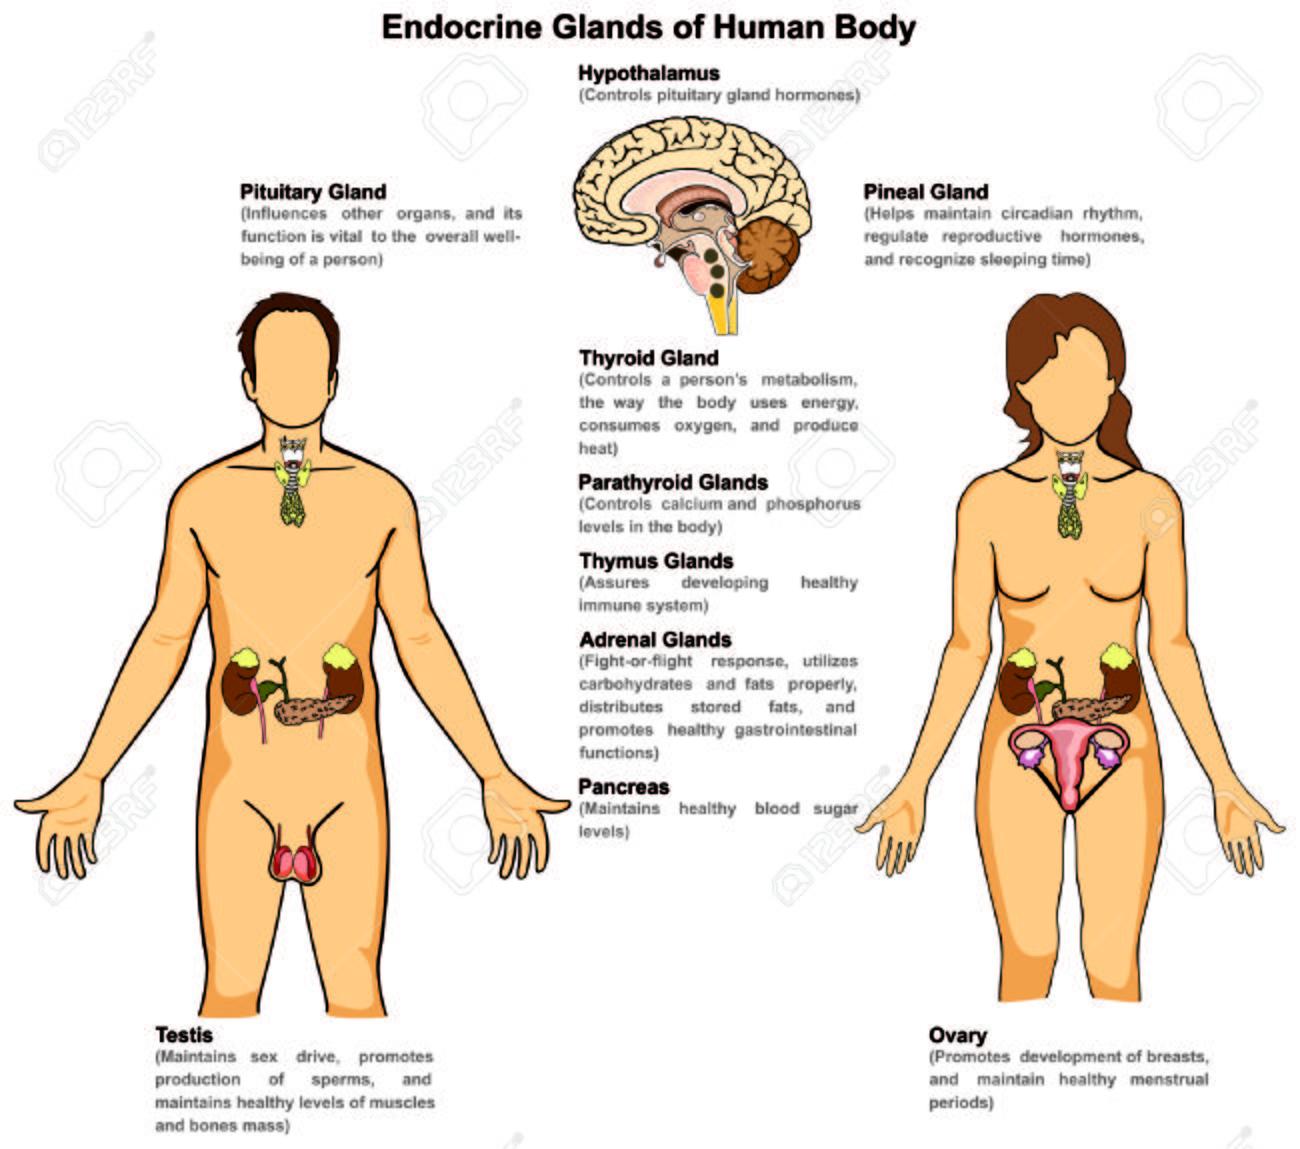 Glándulas Endocrinas Del Cuerpo Humano Para Hombres Y Mujeres ...